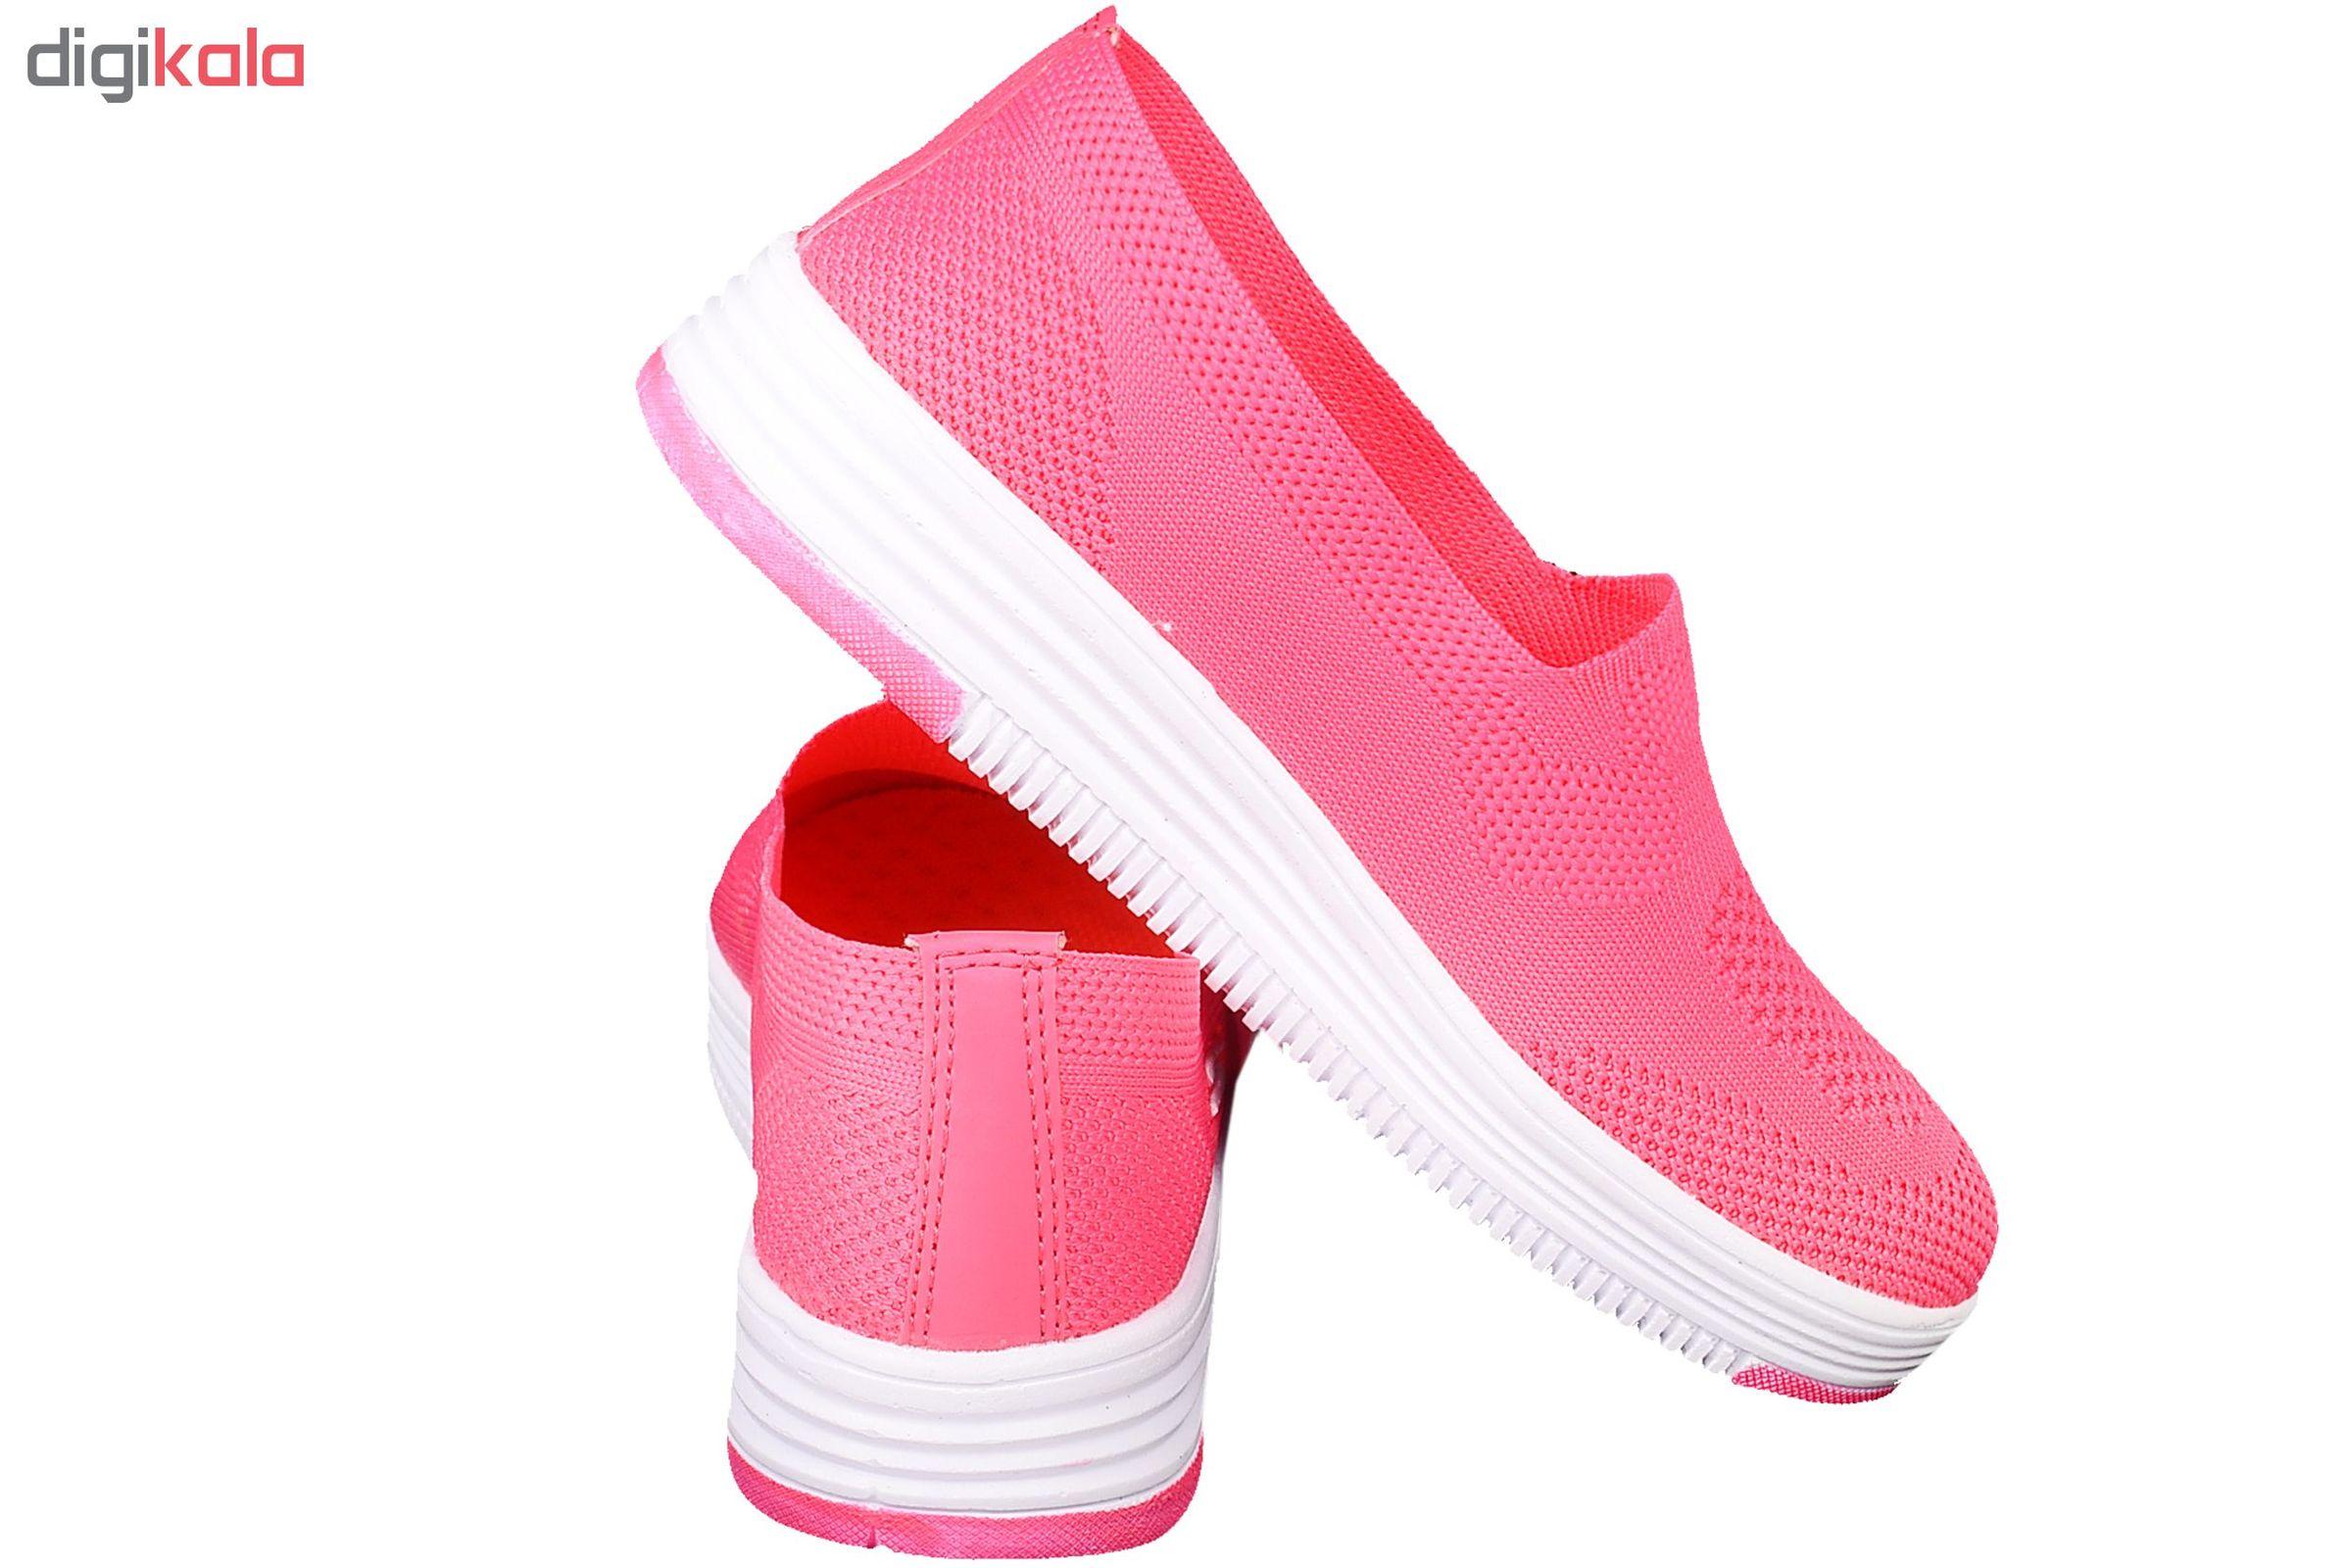 کفش راحتی دخترانه کد 3500-3 main 1 4